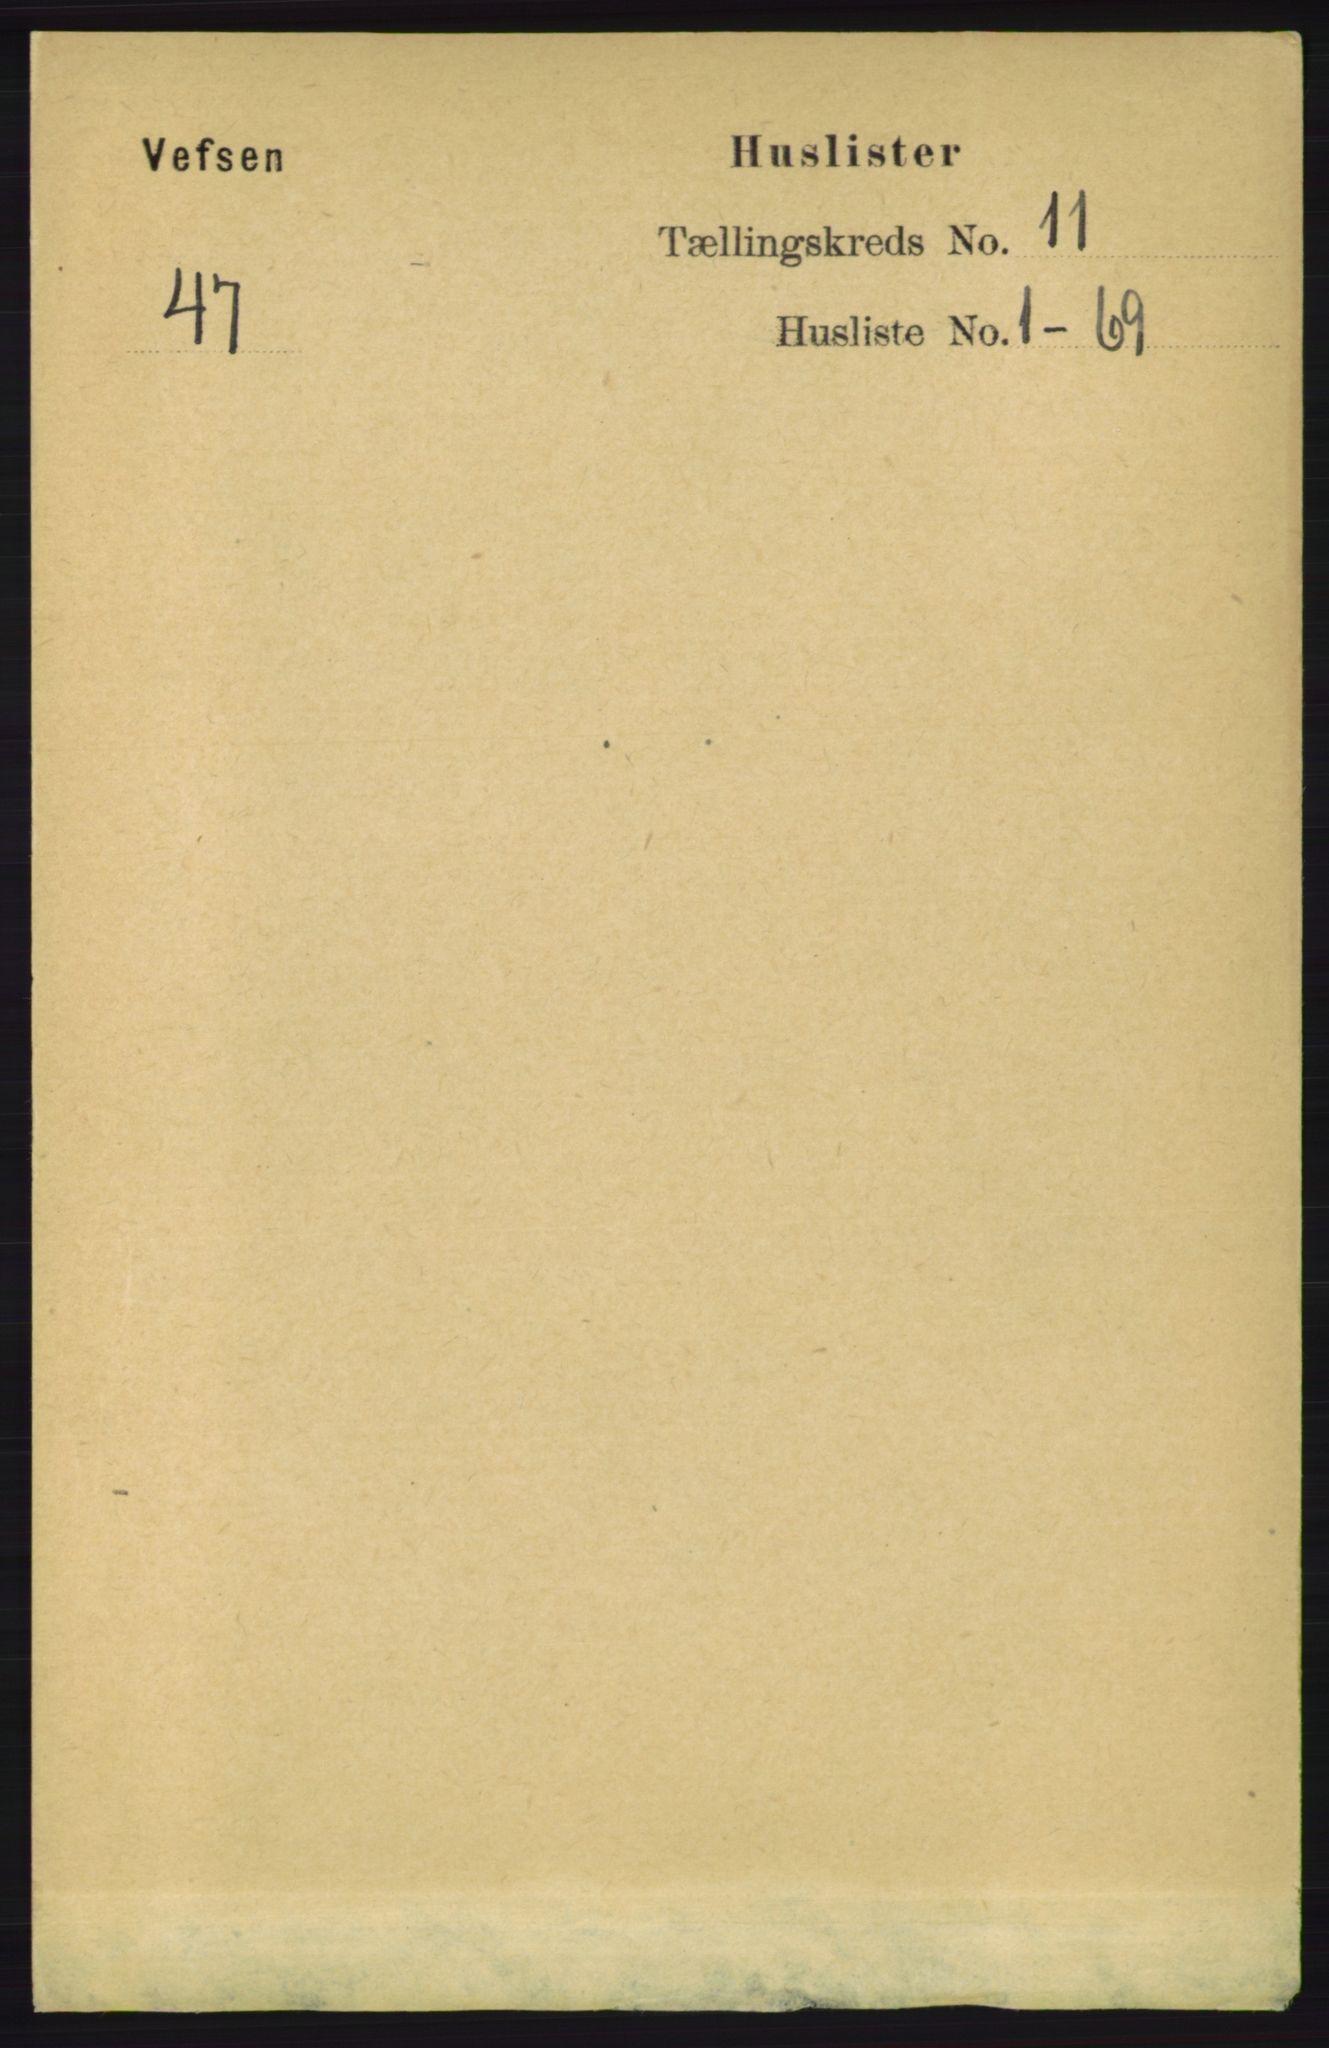 RA, Folketelling 1891 for 1824 Vefsn herred, 1891, s. 5592